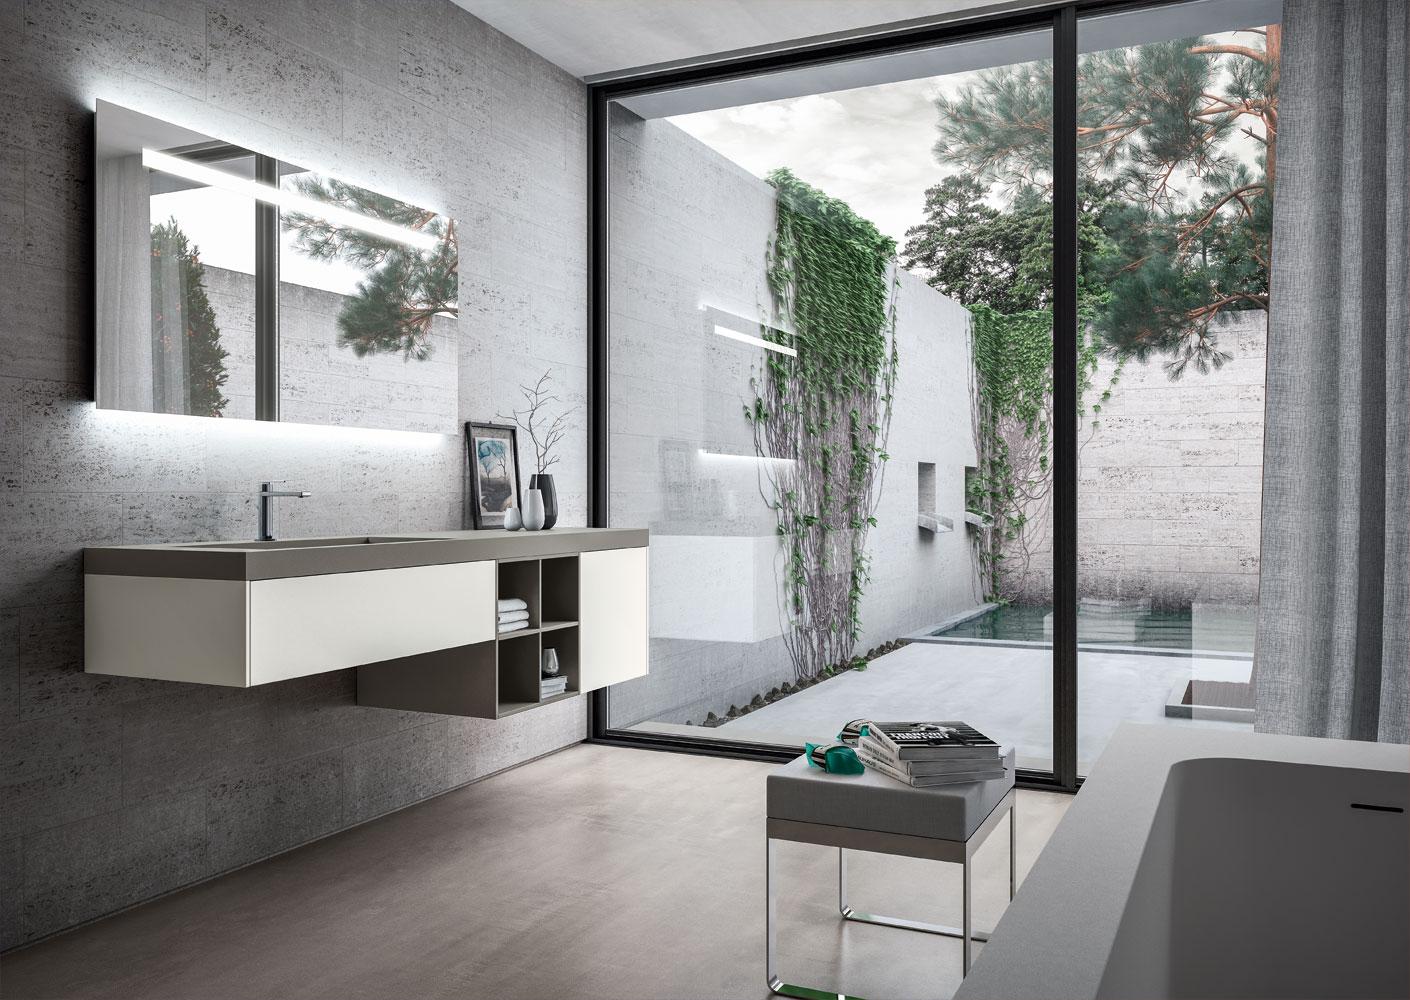 Mobili bagno sense arredo bagno di design ideagroup - Idea arredo bagno ...